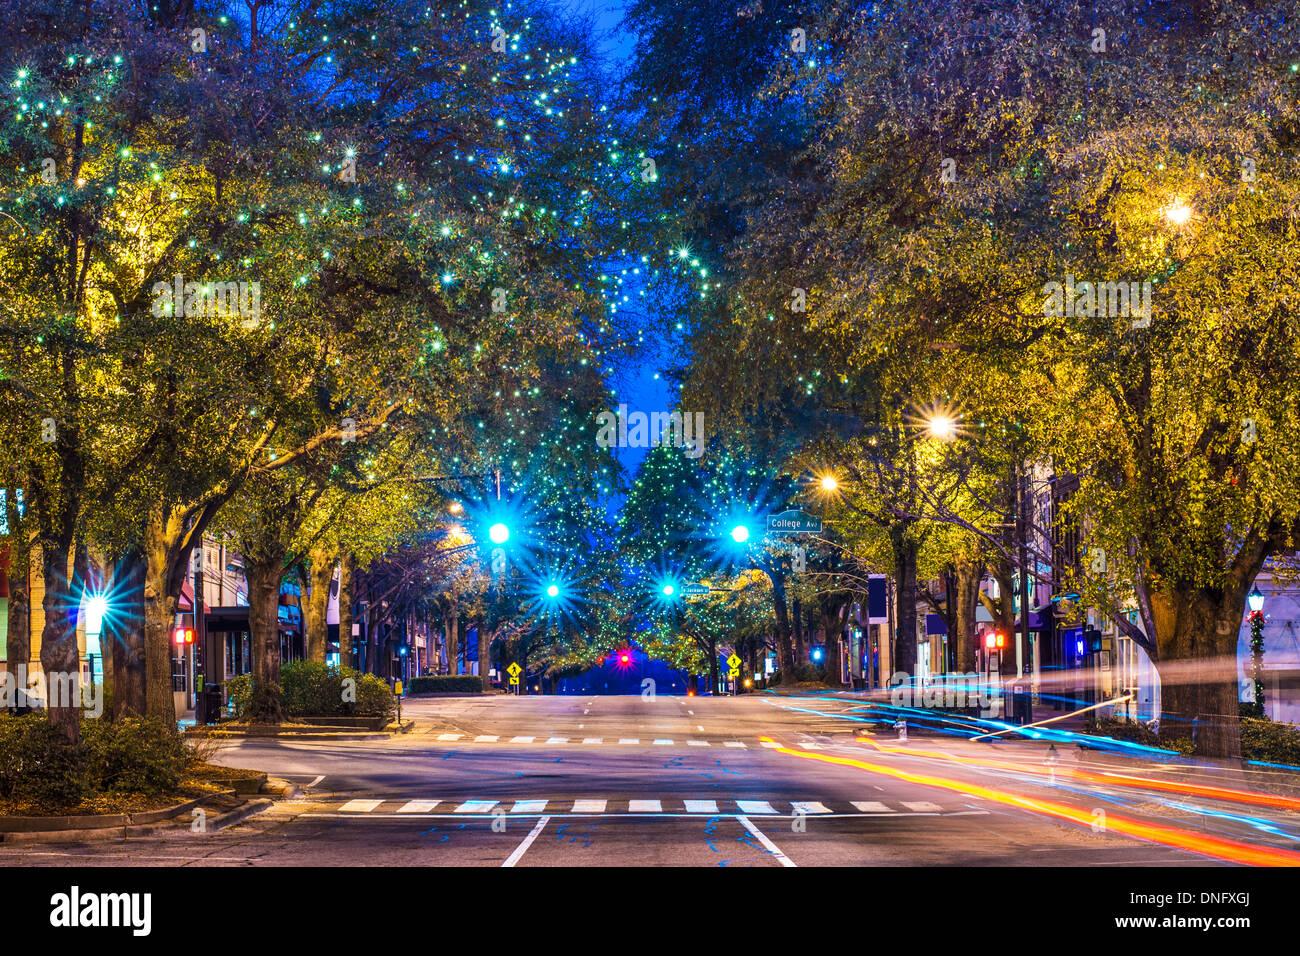 Le centre-ville d'Athènes, Géorgie, USA scène de nuit. Photo Stock